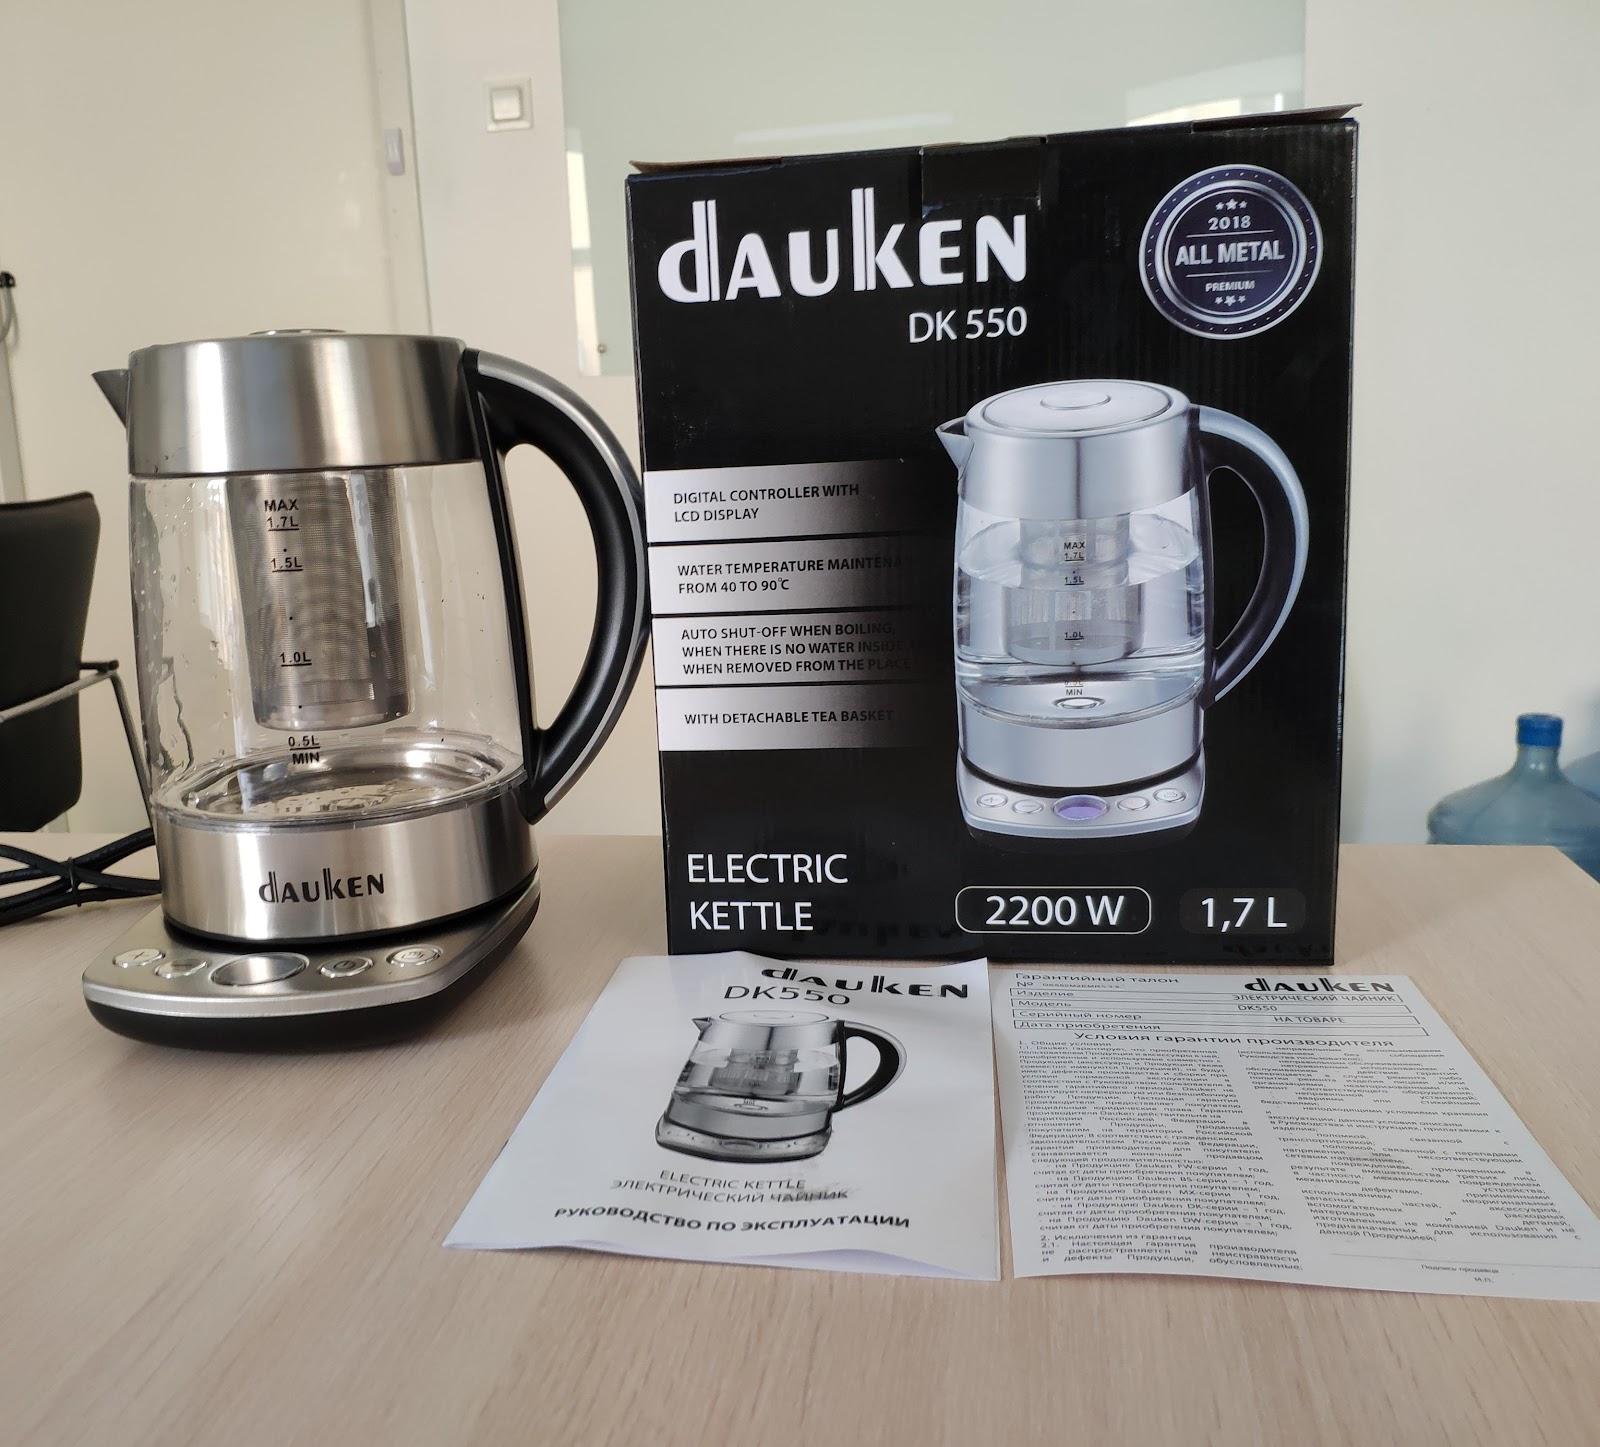 Новый член семьи Dauken DK550